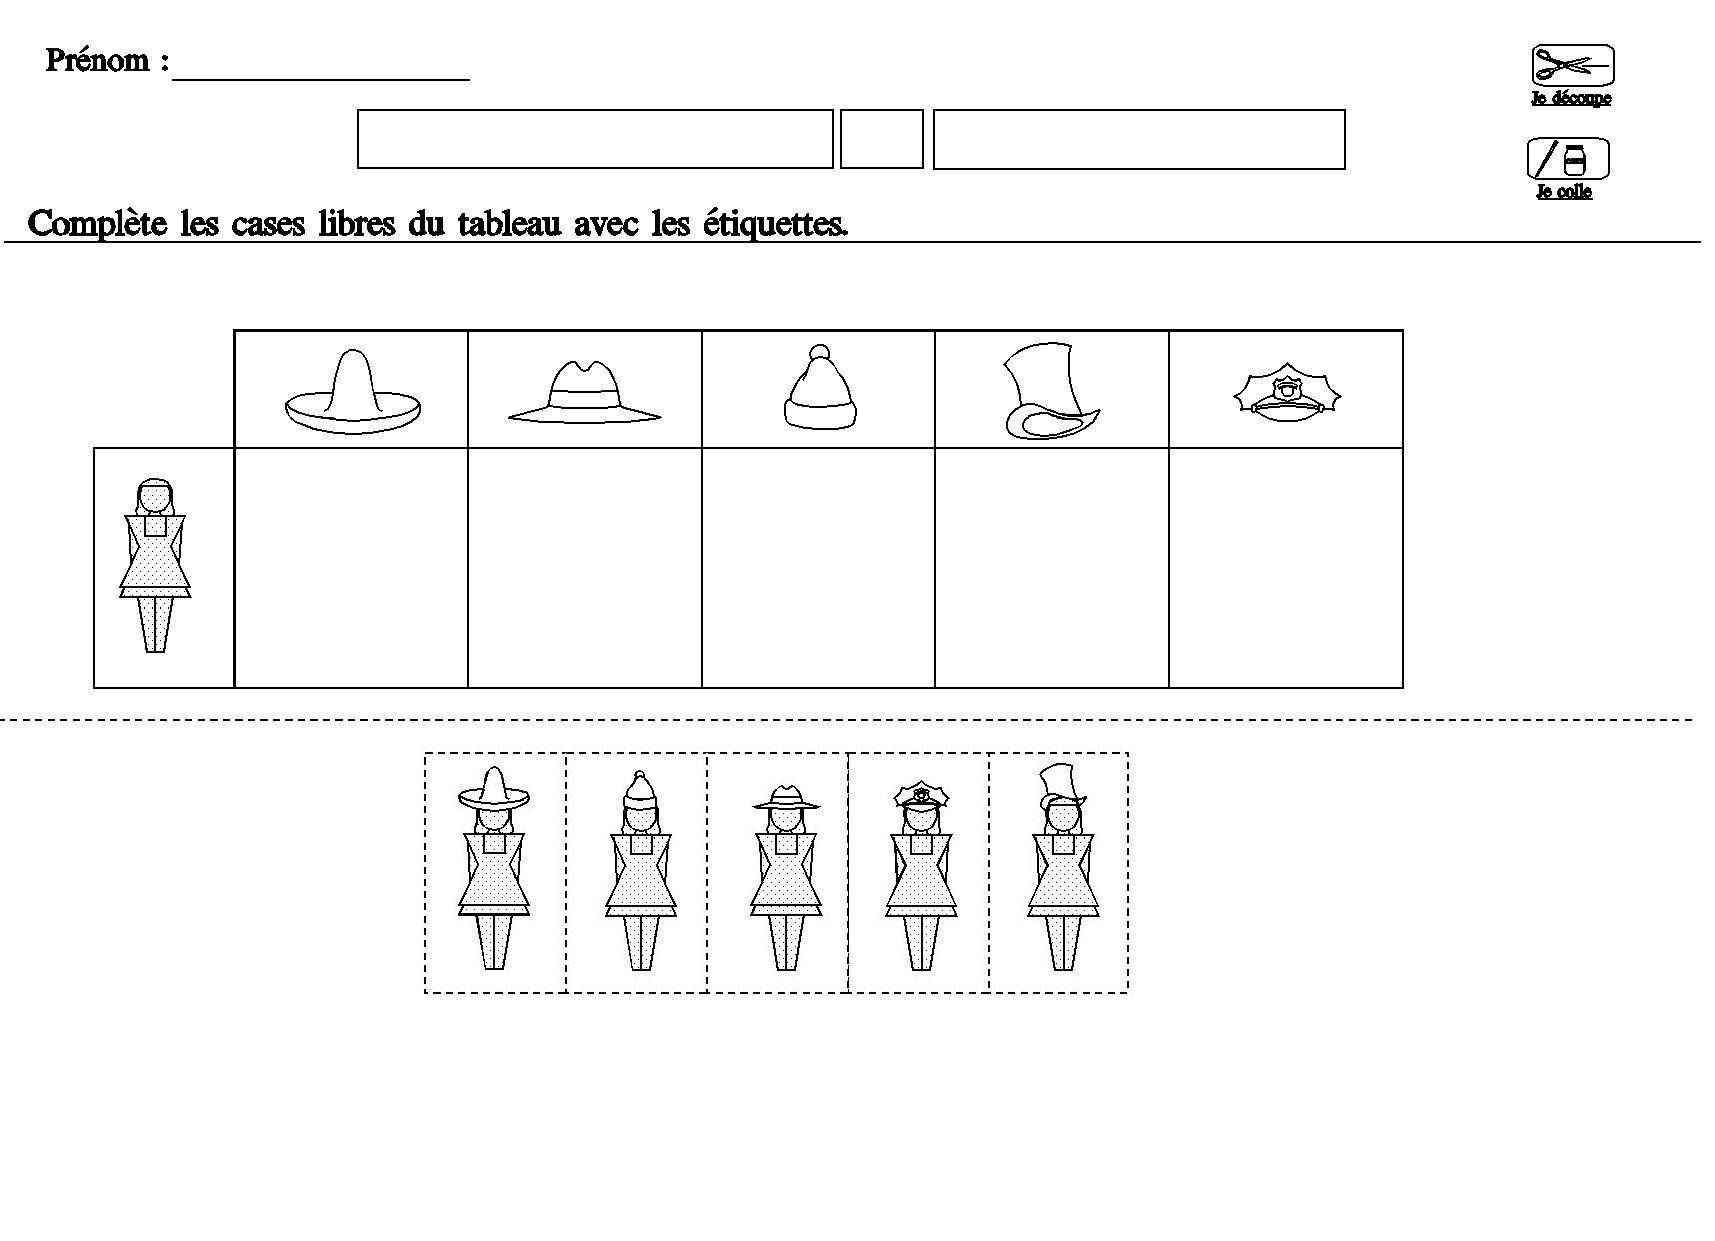 Tableau Double Entrees Pour Maternelle Moyenne Section dedans Fiche Maternelle Grande Section